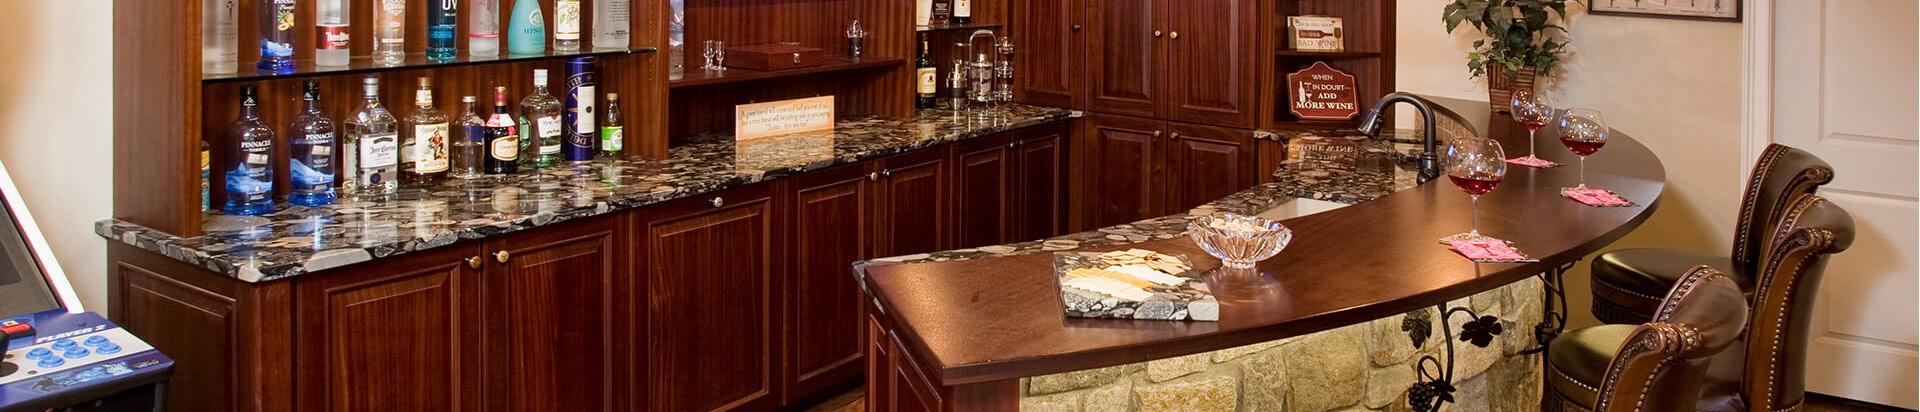 granite bar